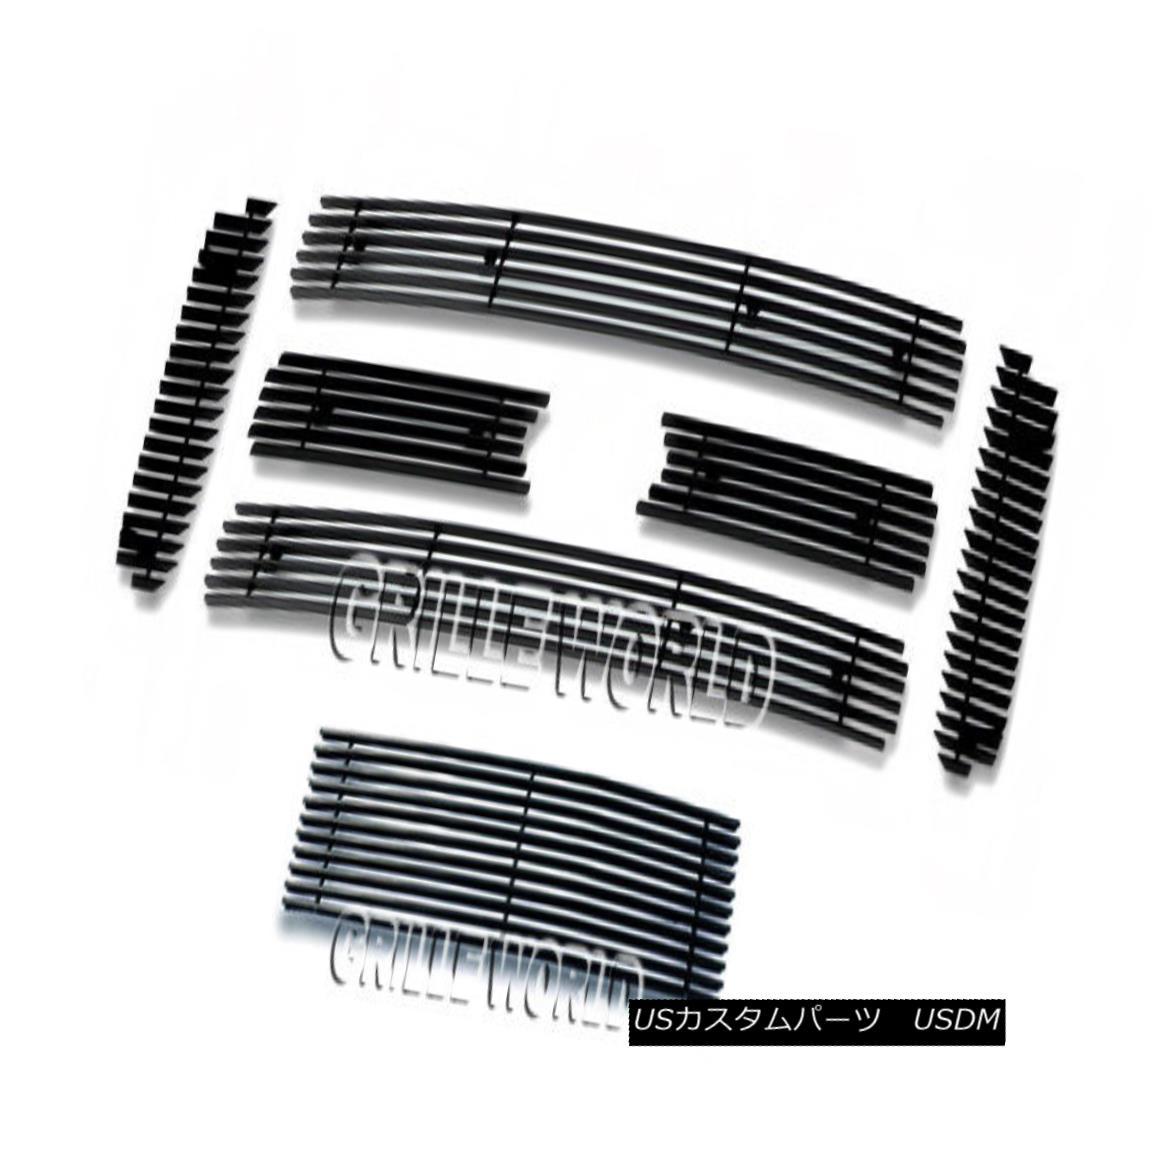 グリル For 05-07 Ford F250/F350 Super Duty Black Billet Premium Grille Grill Combo 05-07 Ford F250 / F350スーパーデューティブラックビレットプレミアムグリルグリルコンボ用